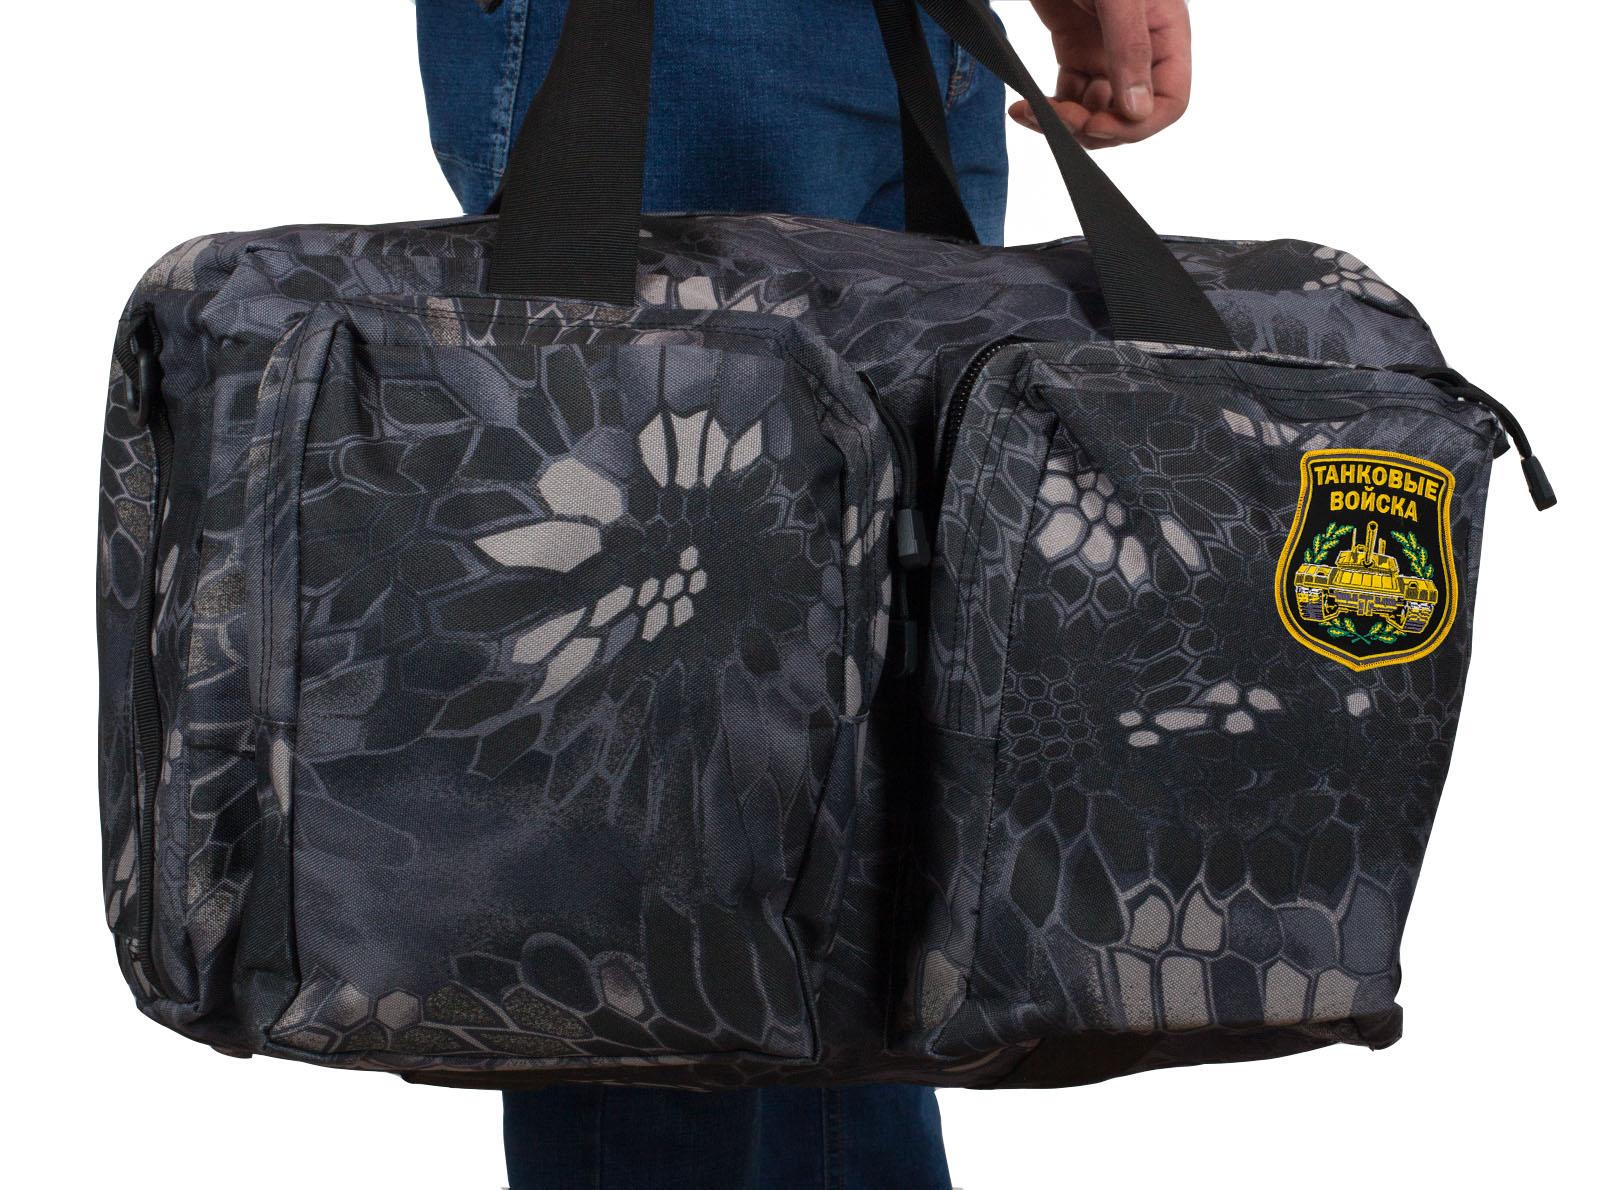 Мужская дорожная сумка с нашивкой Танковые Войска - заказать онлайн